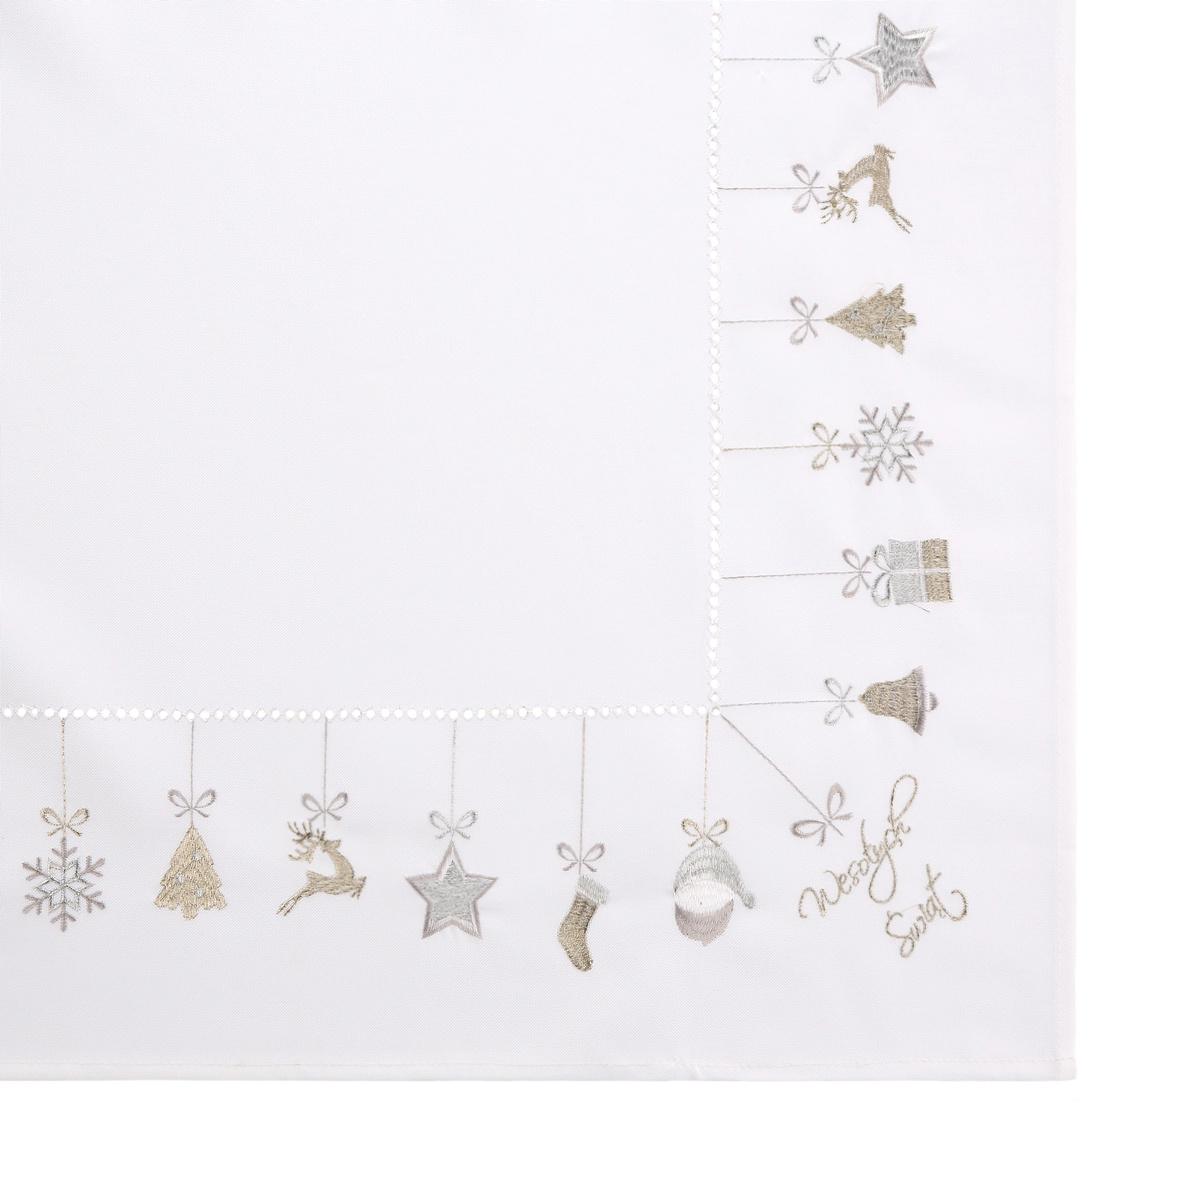 Altom Vánoční ubrus Merry Christmas, 80 x 80 cm